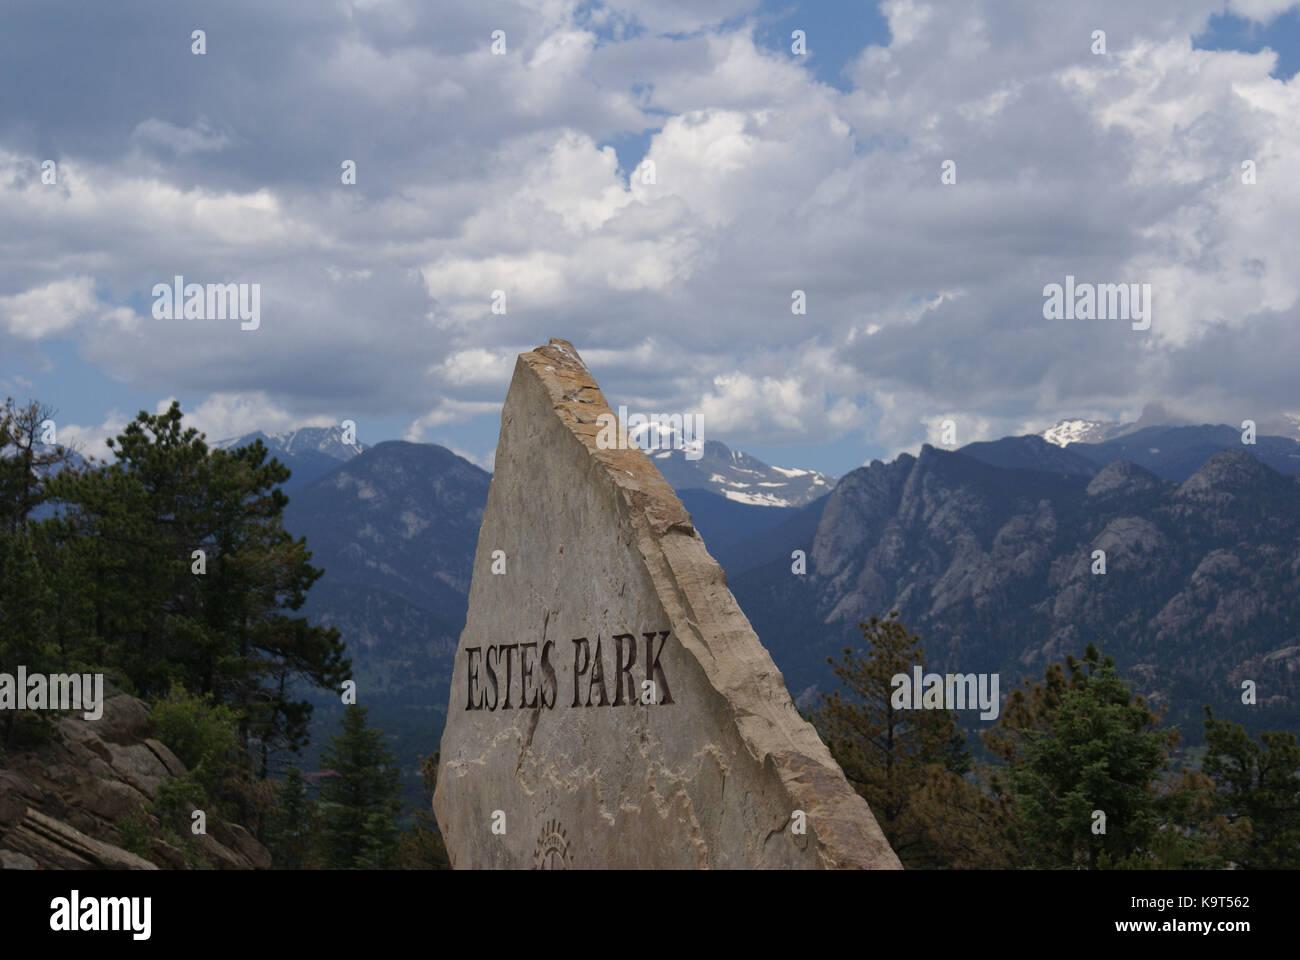 Estes Park - Stock Image